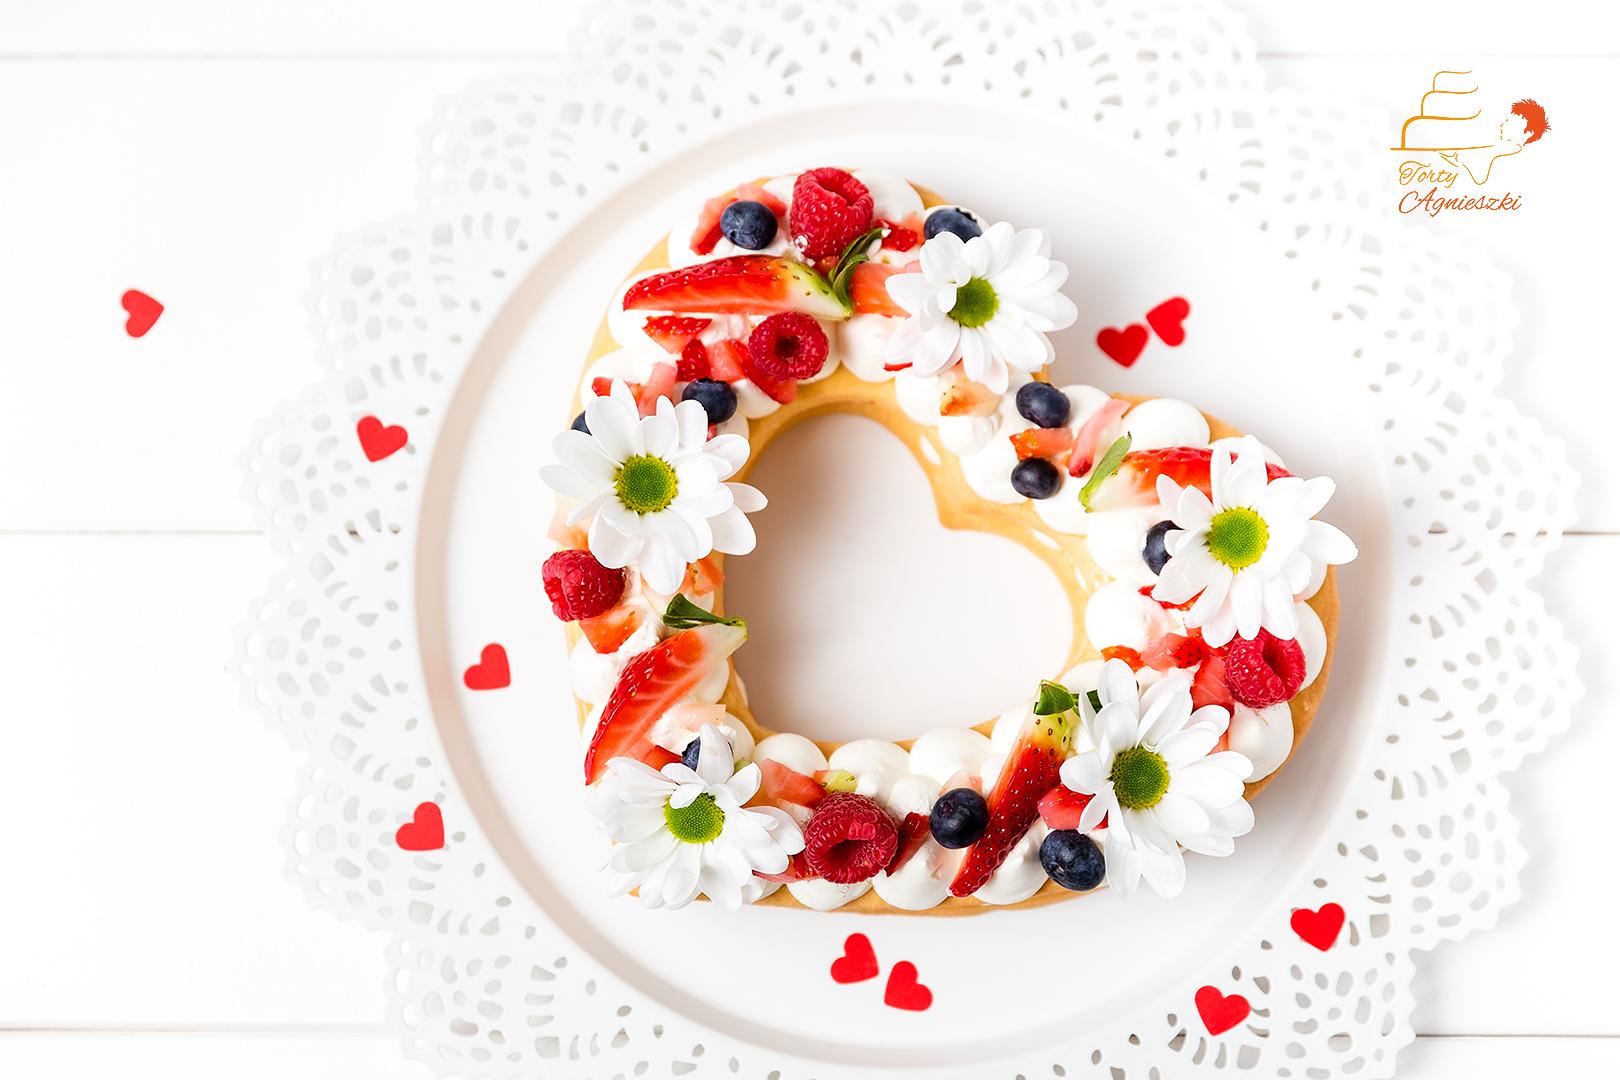 Stylizowane sesje kulinarne, fotografia reklamowa Jelenia Góra, artystyczne zdjęcia produktowe, fotografia blogowa kulinarna